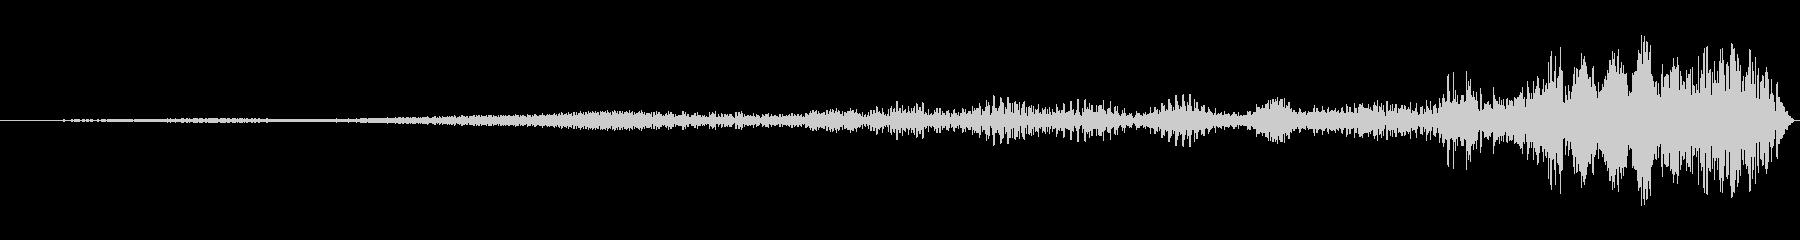 リバース ブラックアウトアウェイク02の未再生の波形